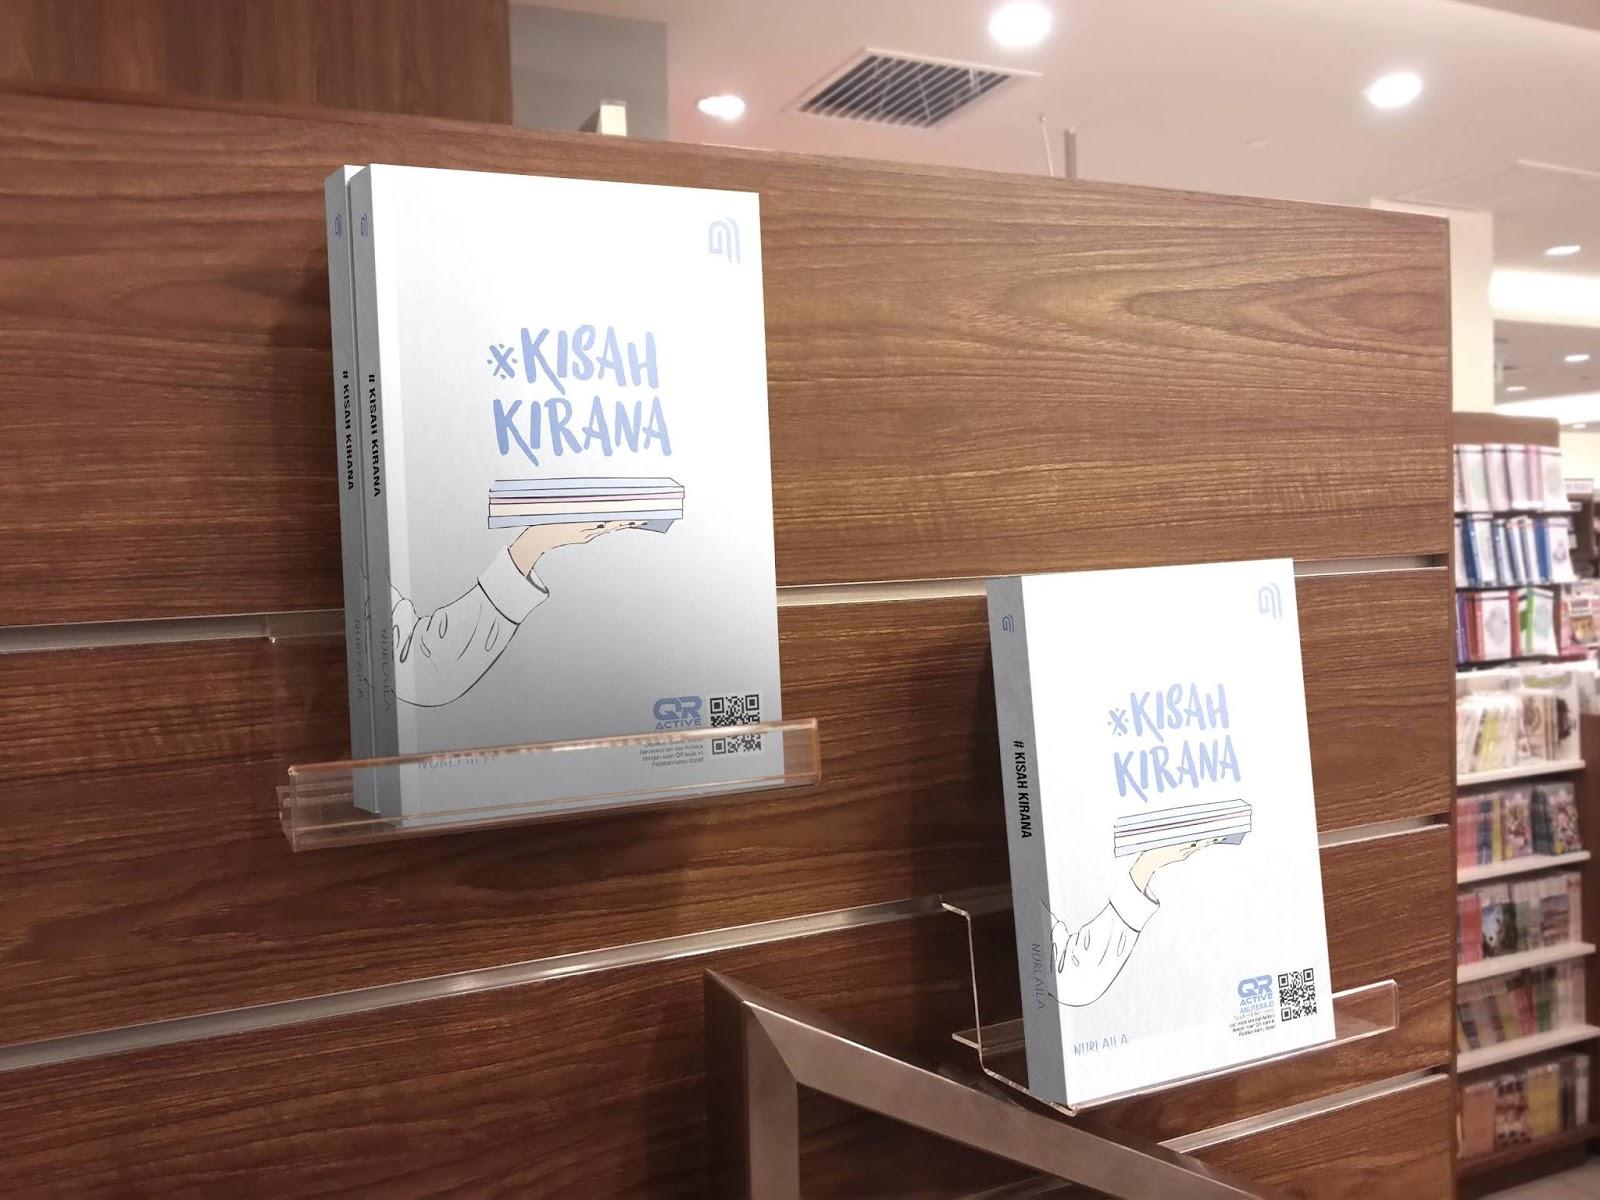 Kisah Kirana